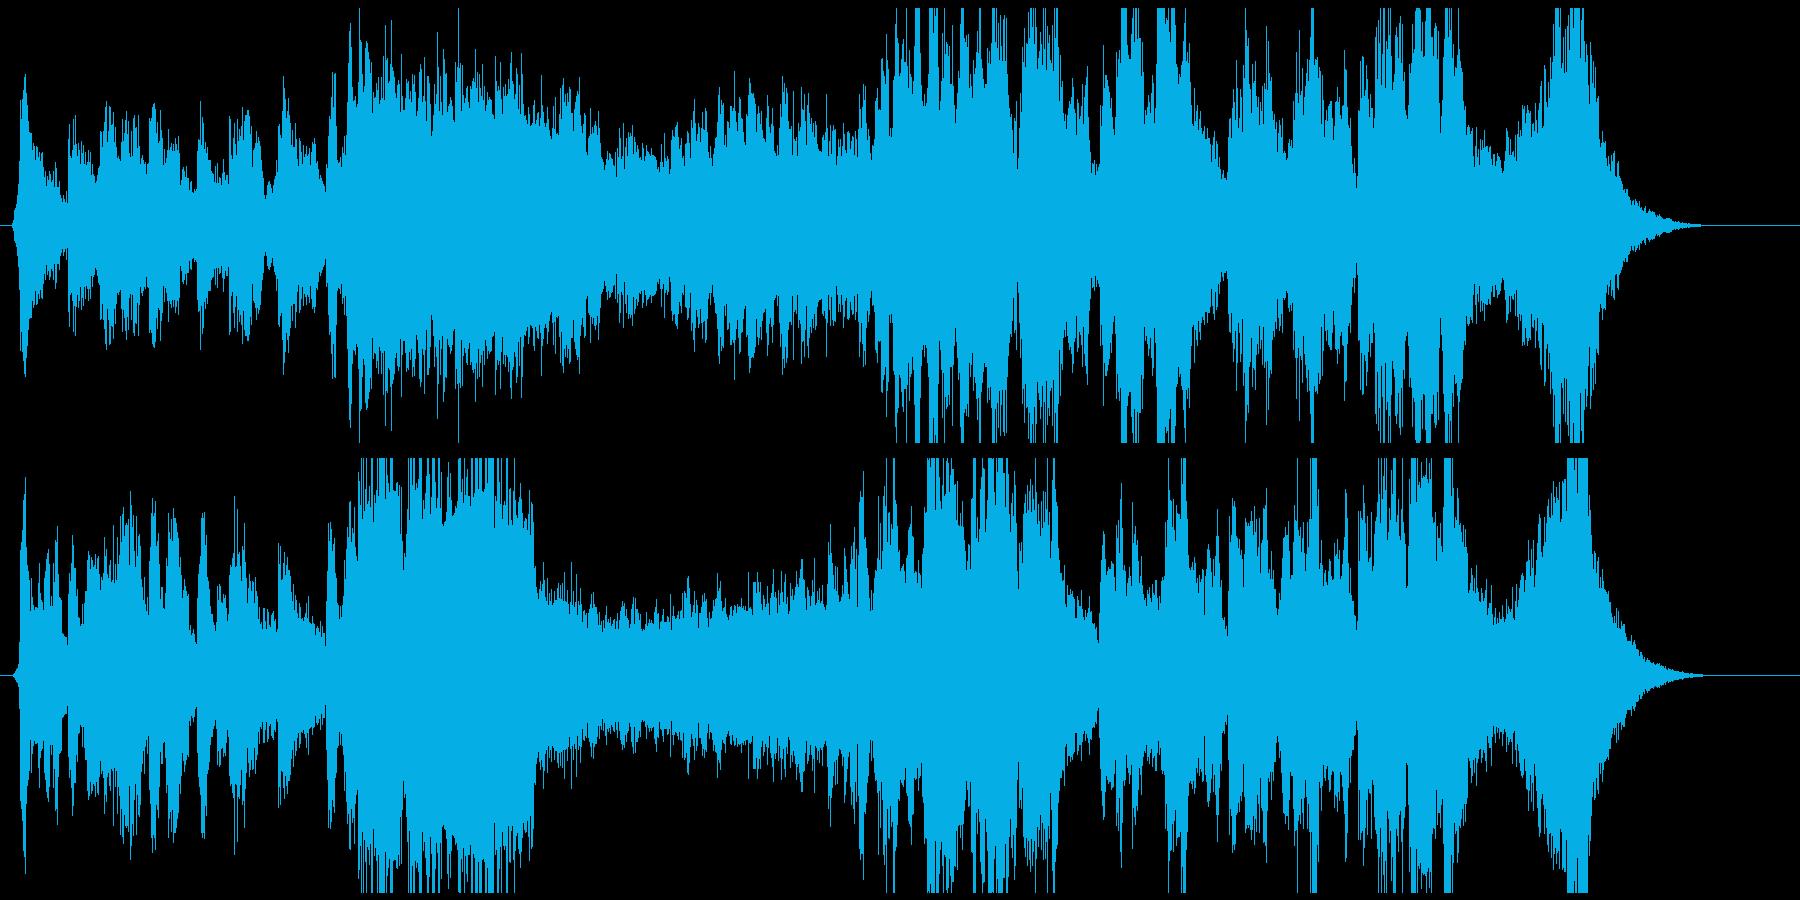 ワクワクさせる冒頭BGMの再生済みの波形